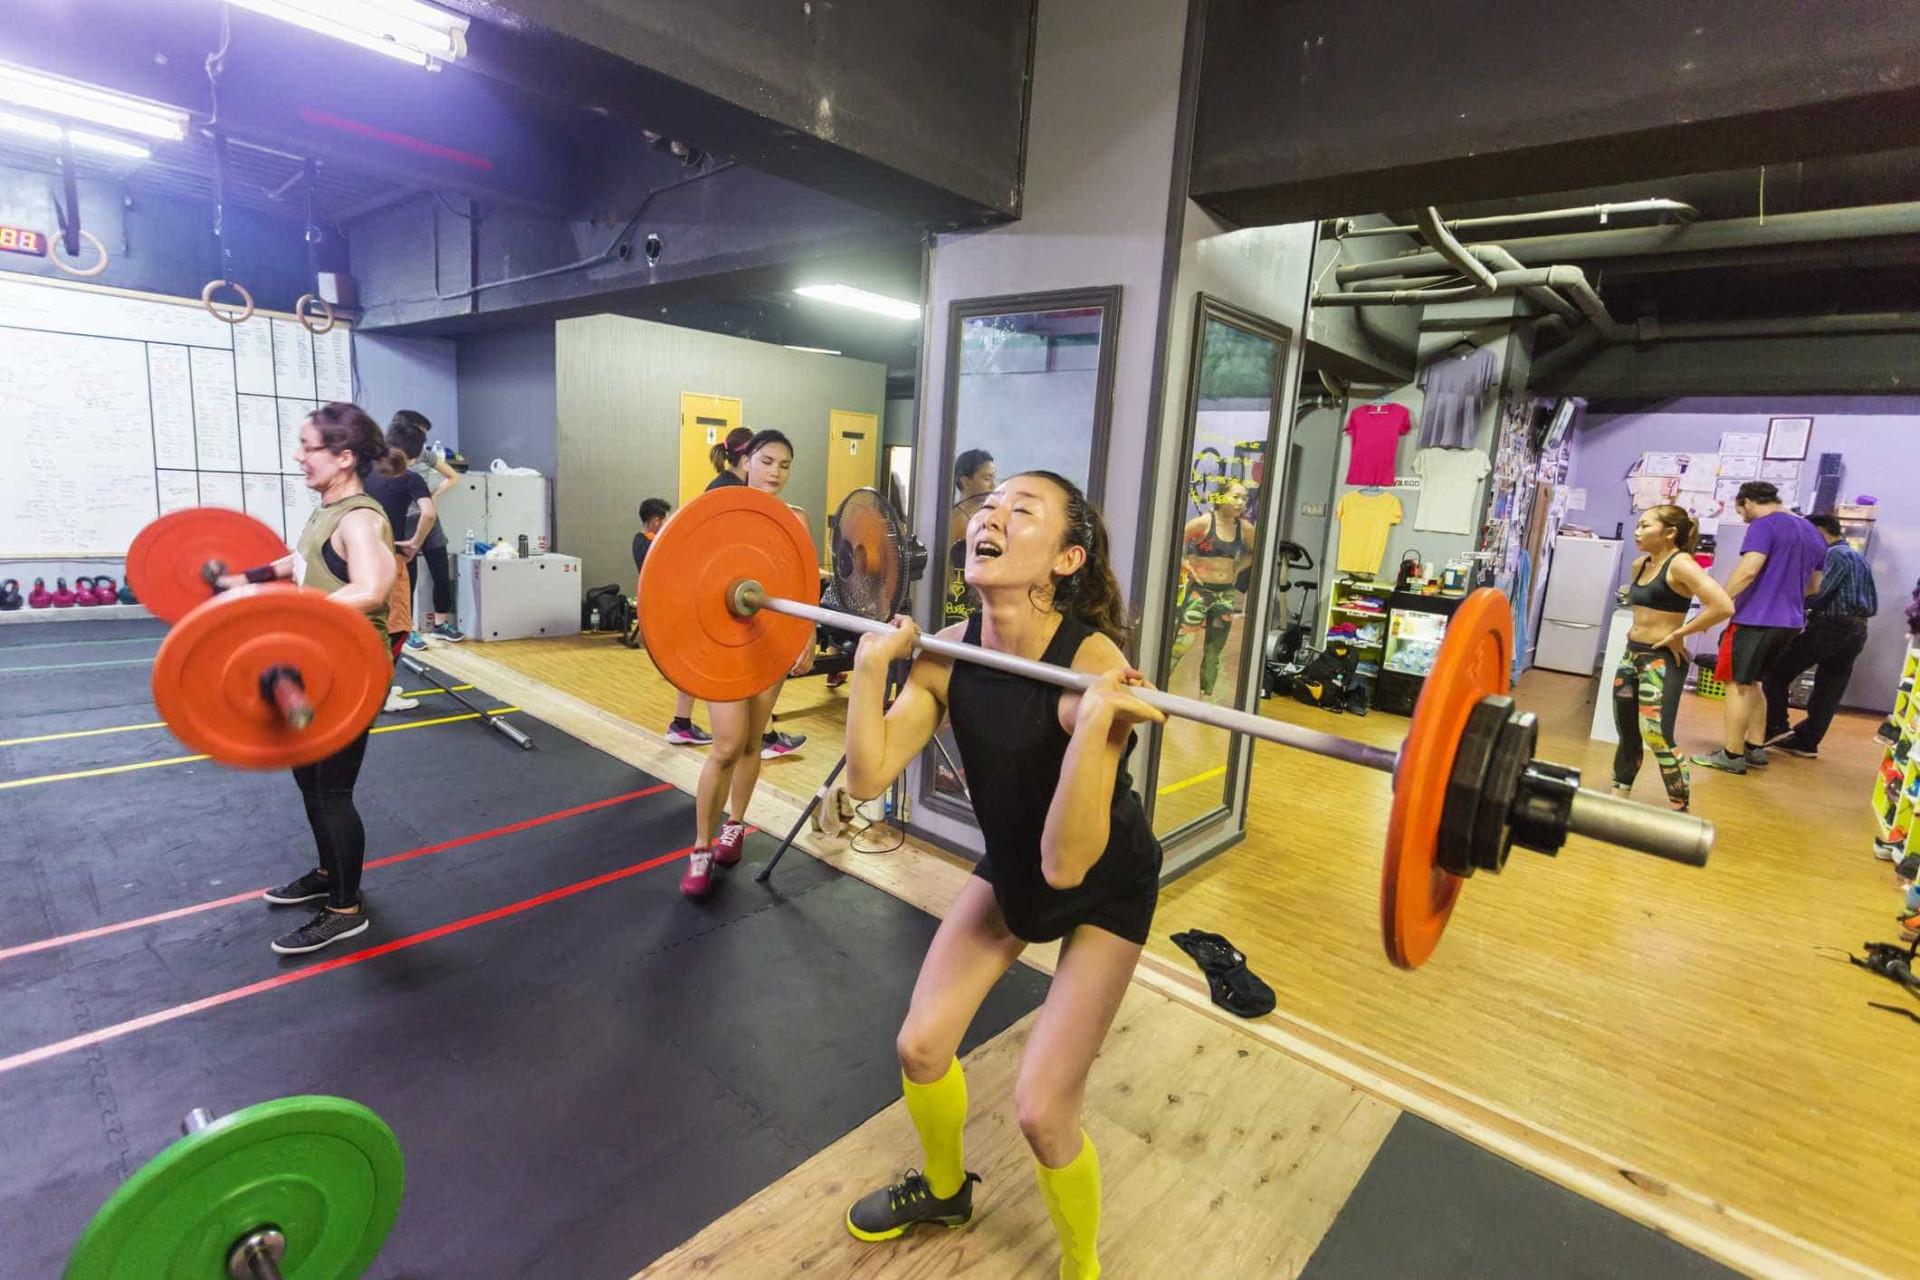 Os 14 erros que cometemos quando começamos a praticar exercício físico